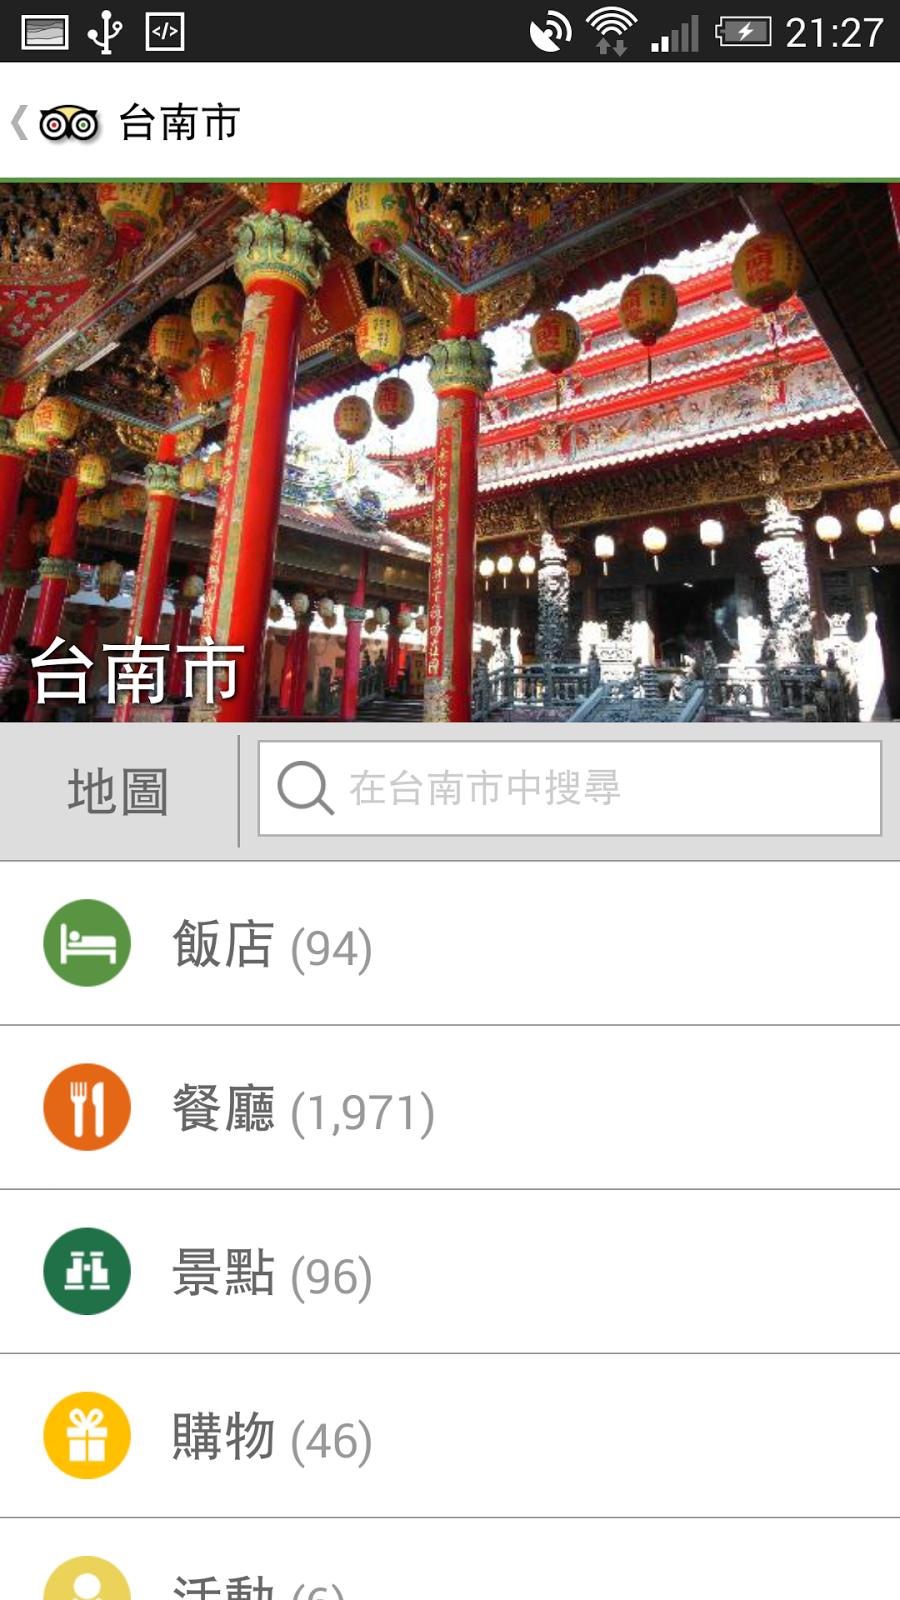 免費下載全球最大旅遊網 TripAdvisor 300個城市離線地圖 TripAdvisor+-10